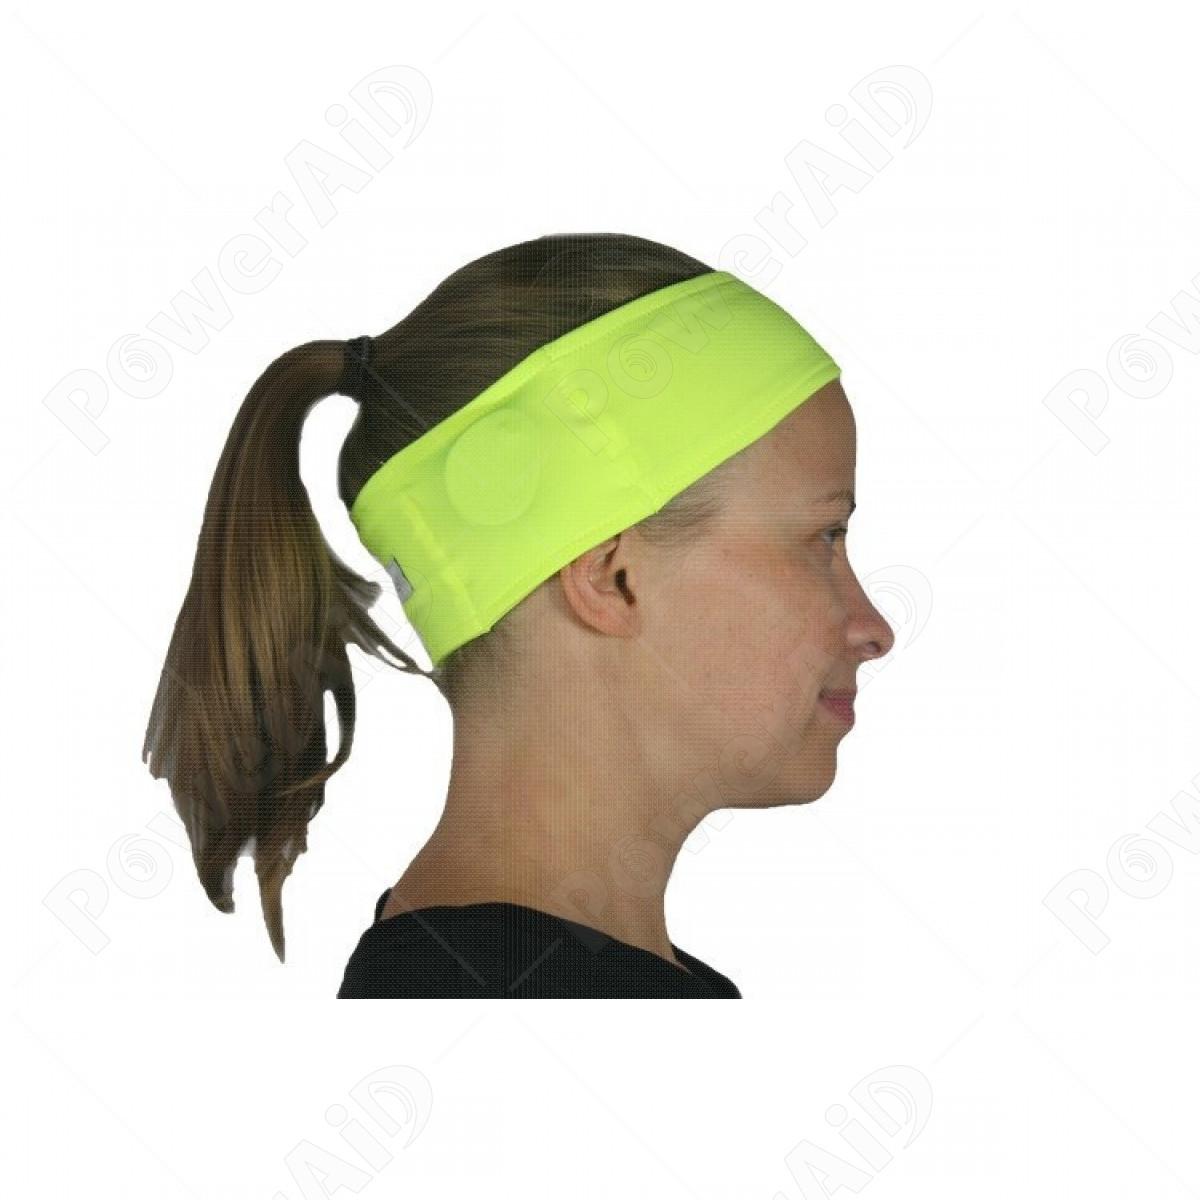 SmartEAR - Fascia sportiva per apparecchi acustici Colore: Giallo - M